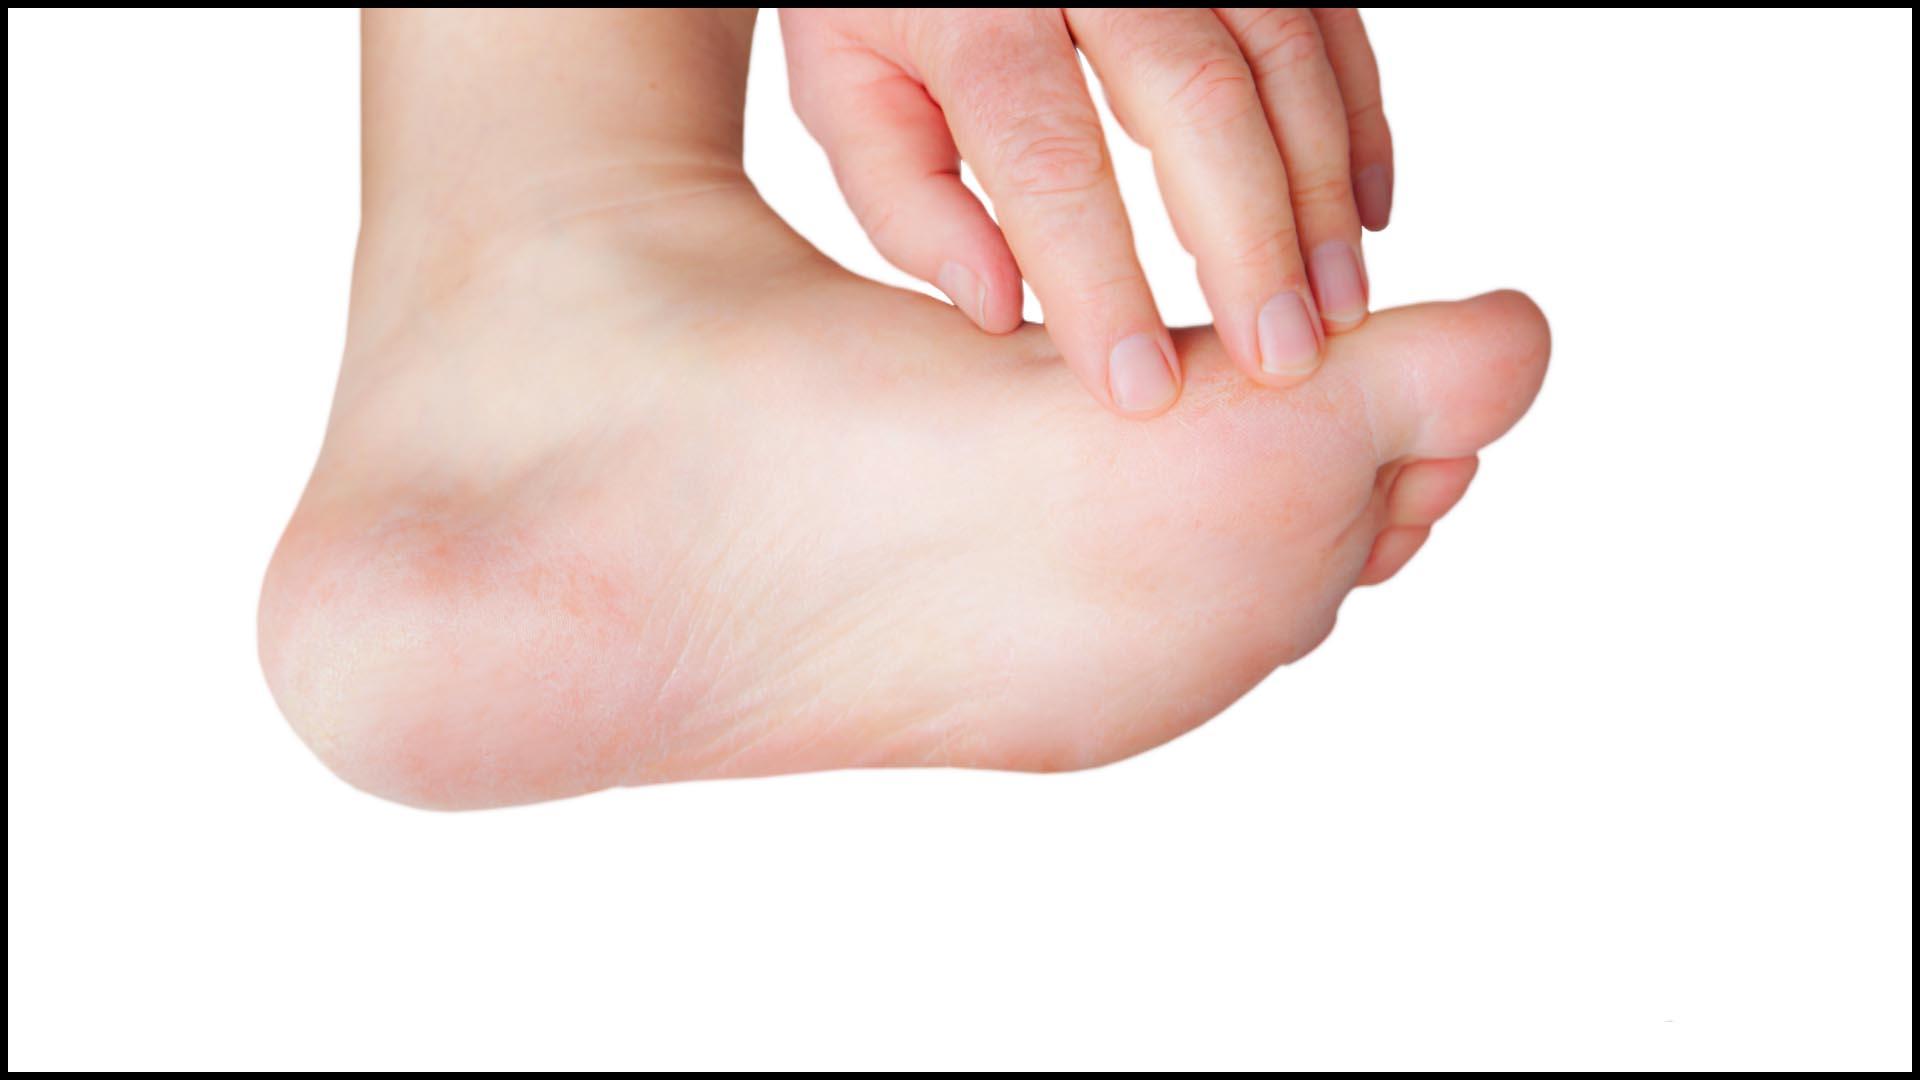 diabetic foot care.jpg